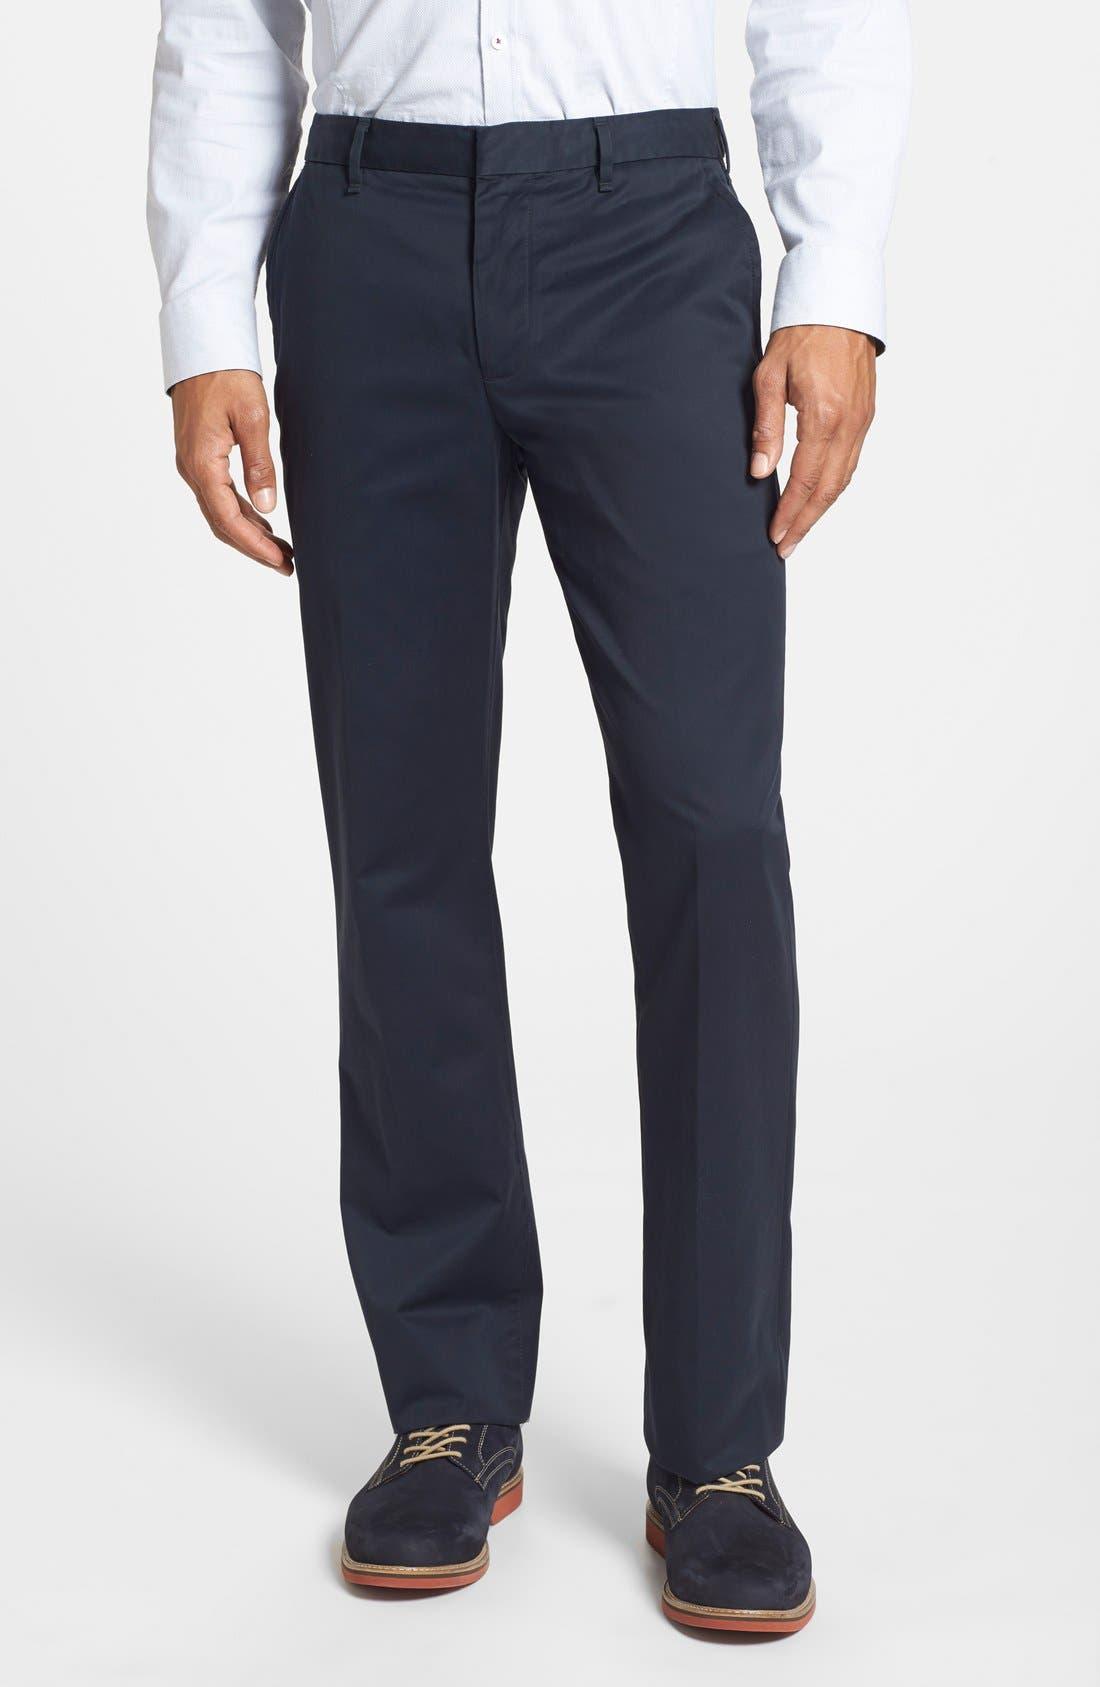 Pantalons Pour Les Hommes À La Vente En Sortie, Le Fer, Le Coton, 2017, 34 36 Prada